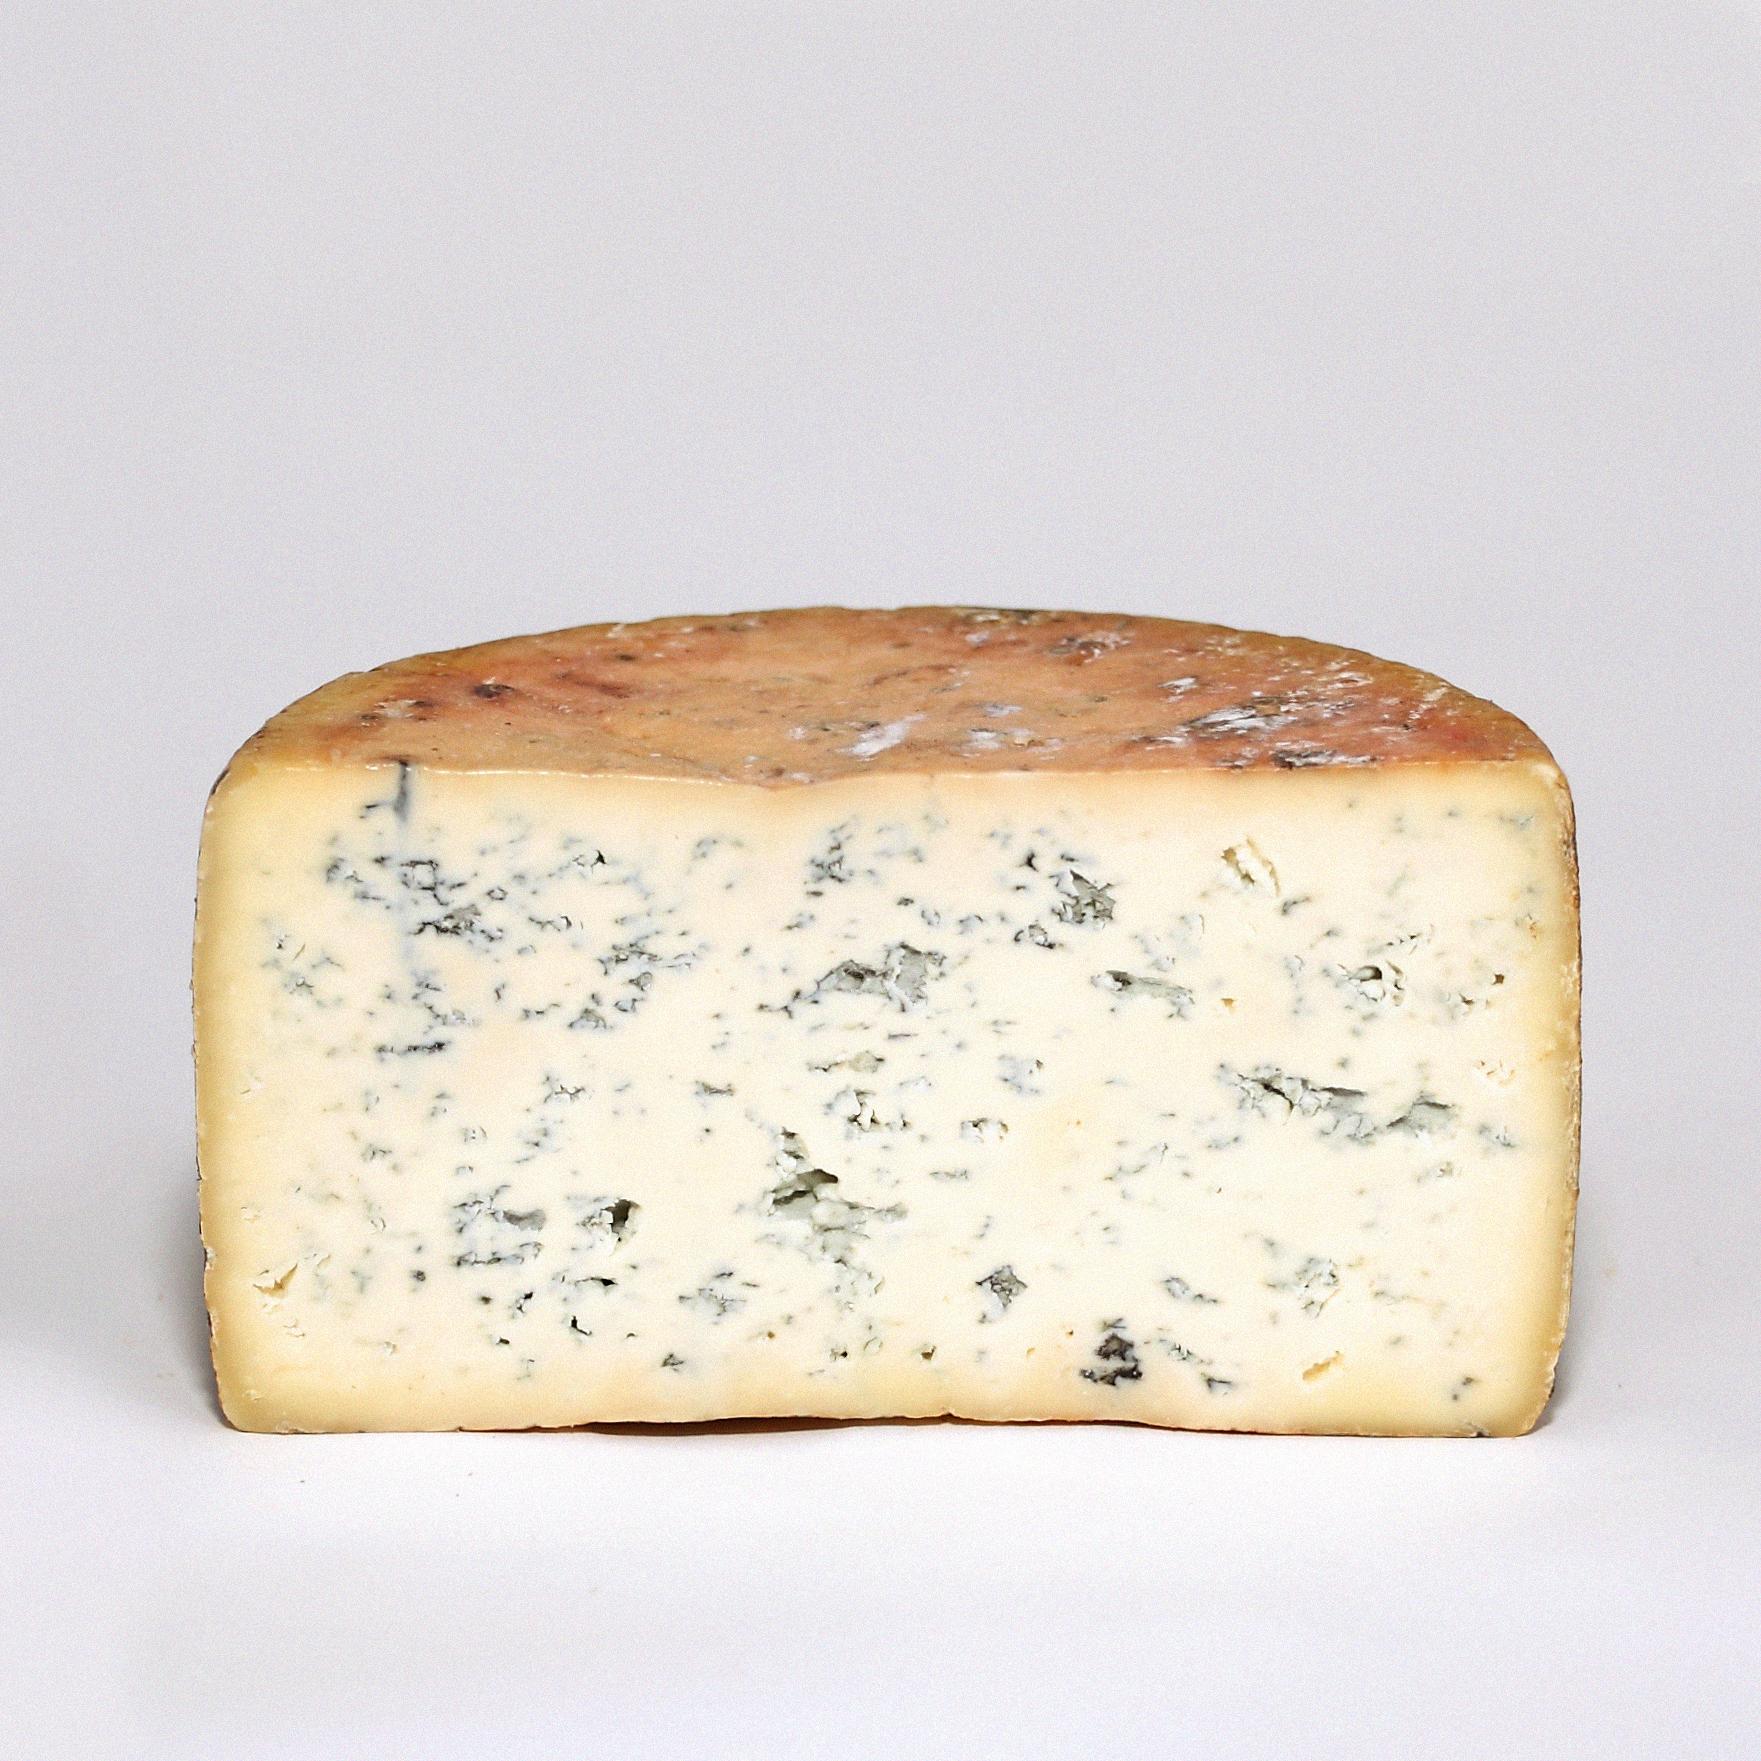 Italy Cow Gratin Bleu.JPG